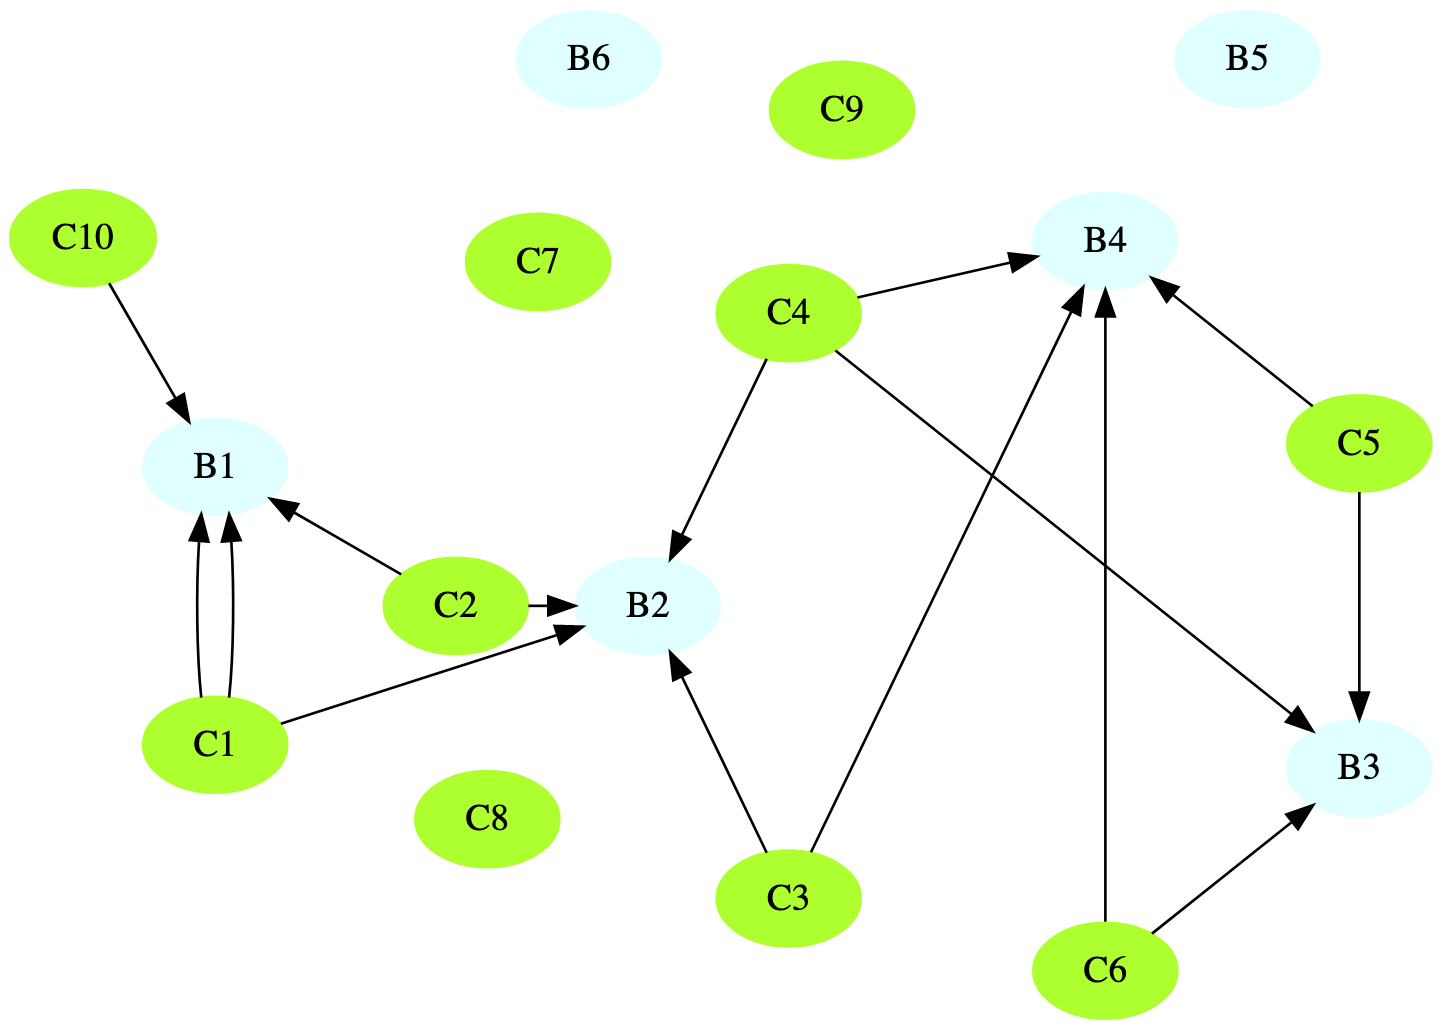 graphiz nodes